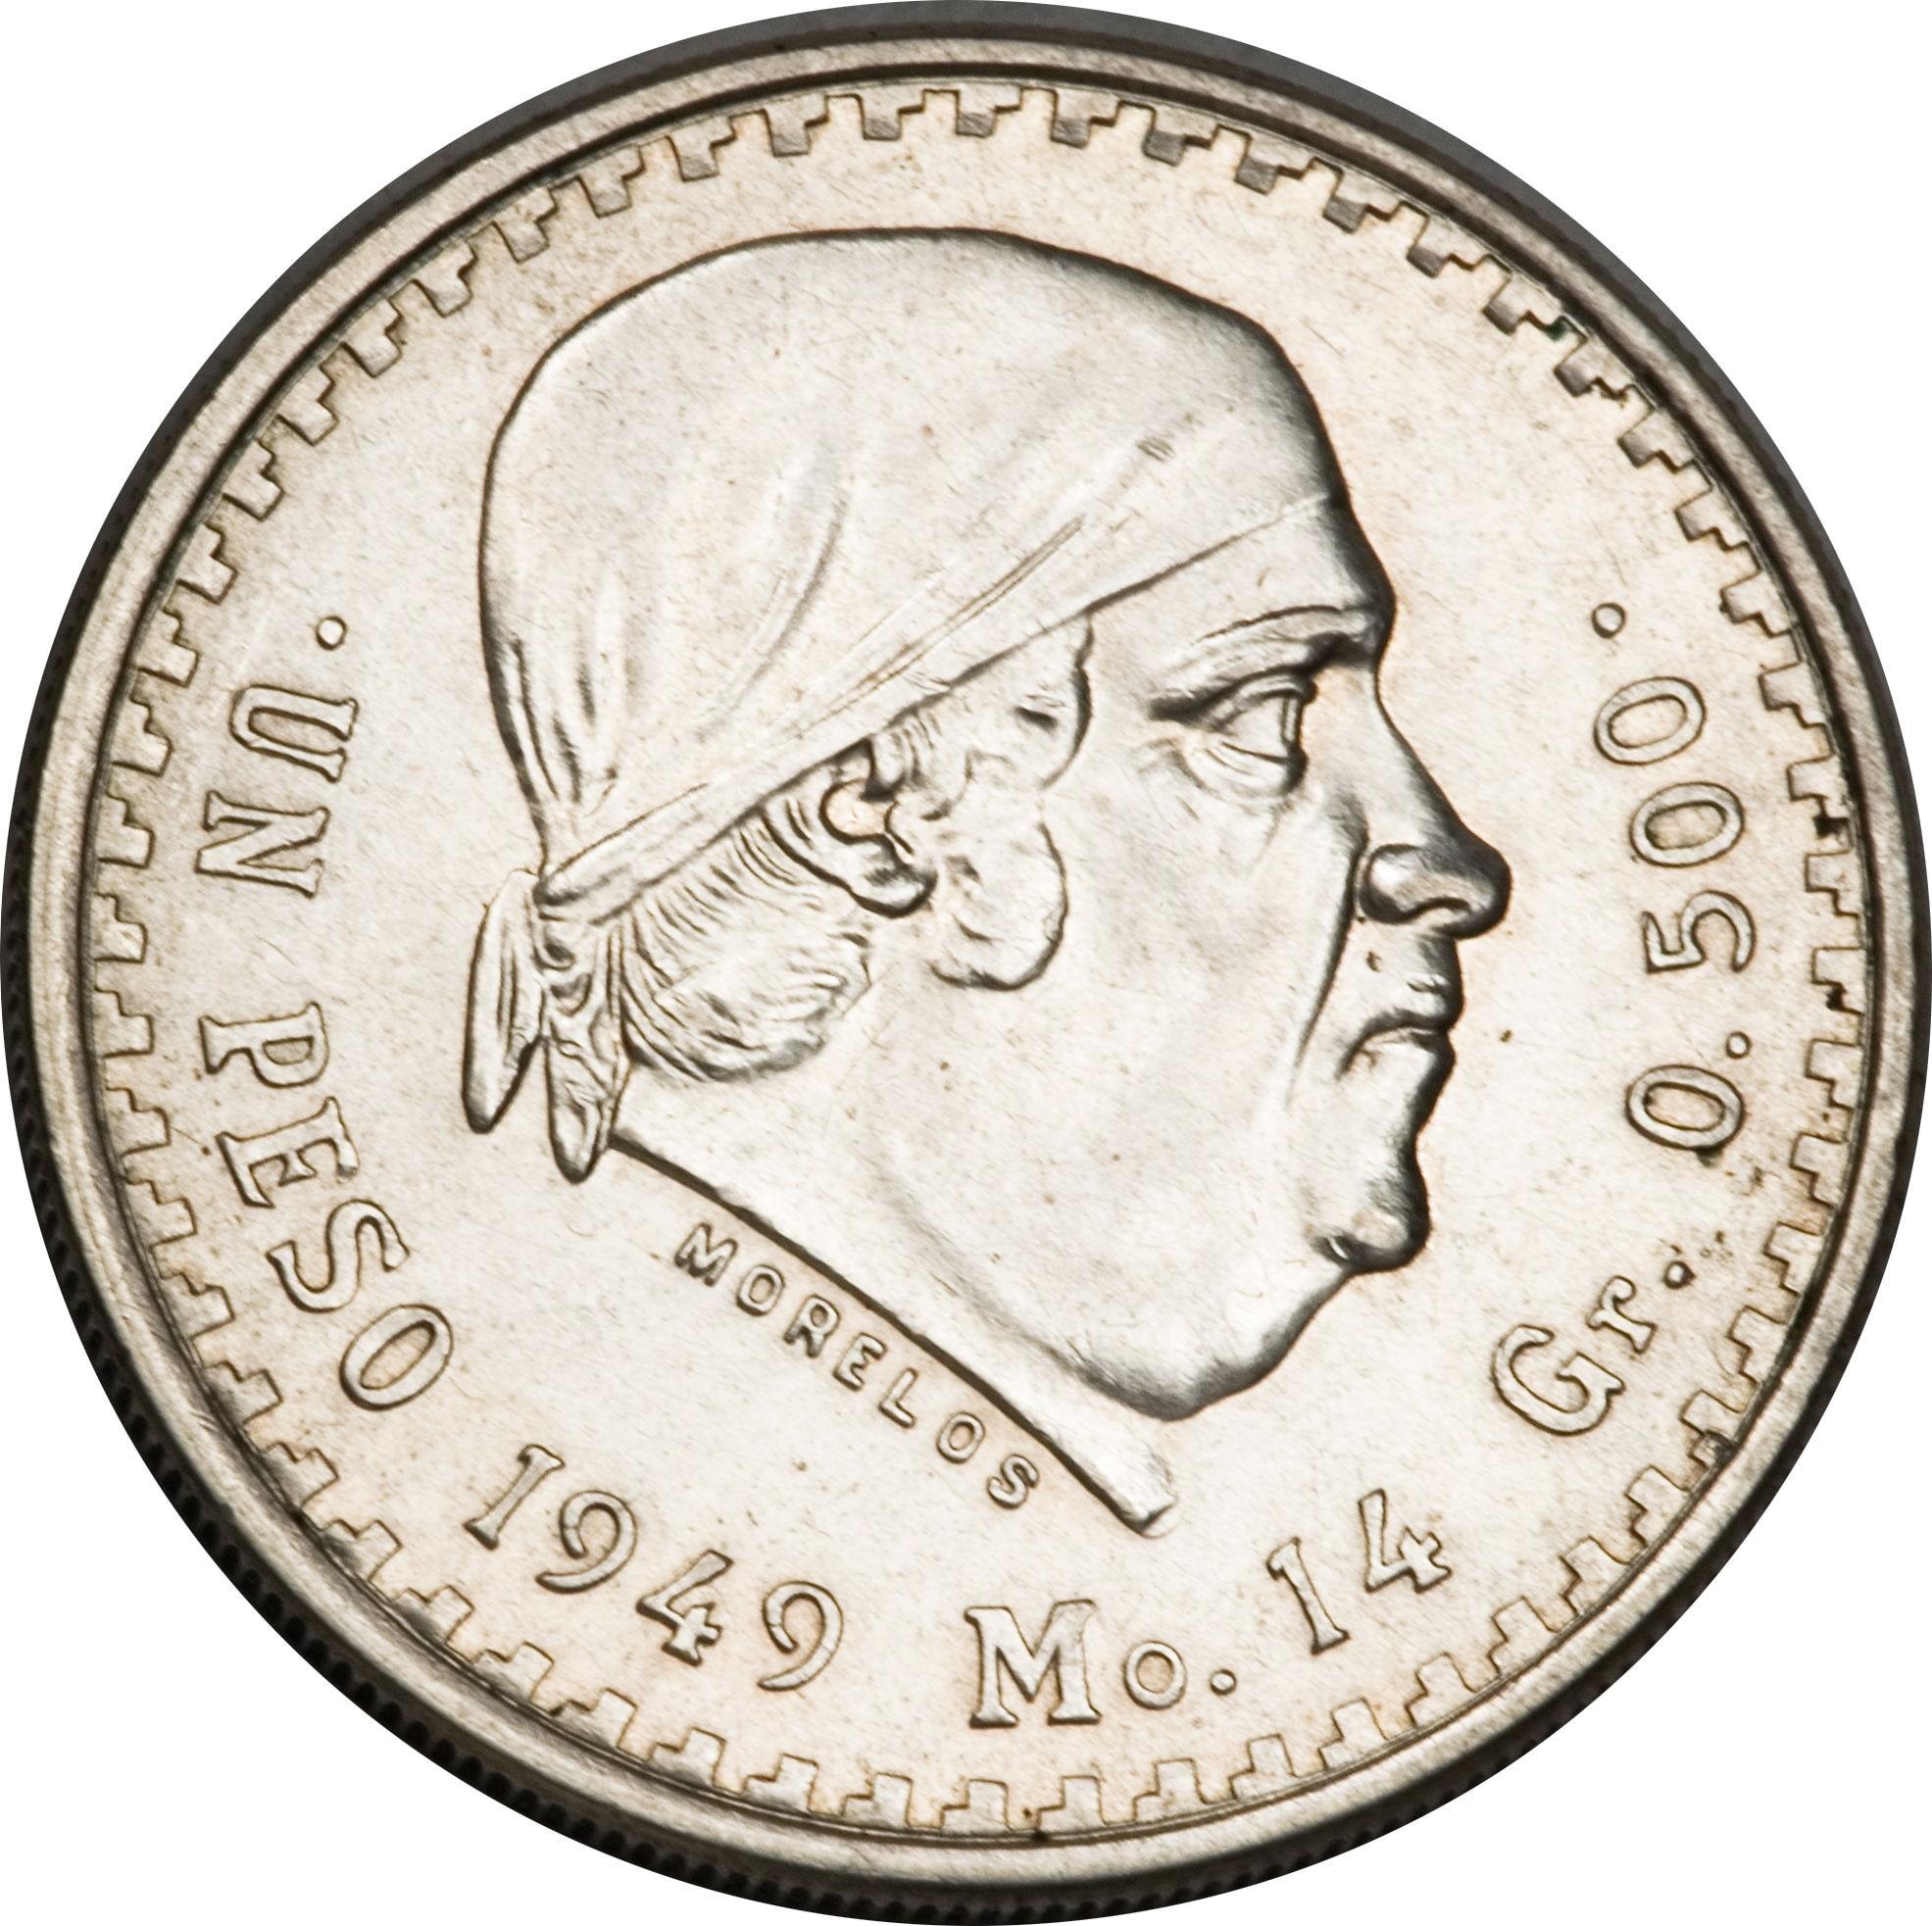 Mexico 1 Peso (1947-1949)